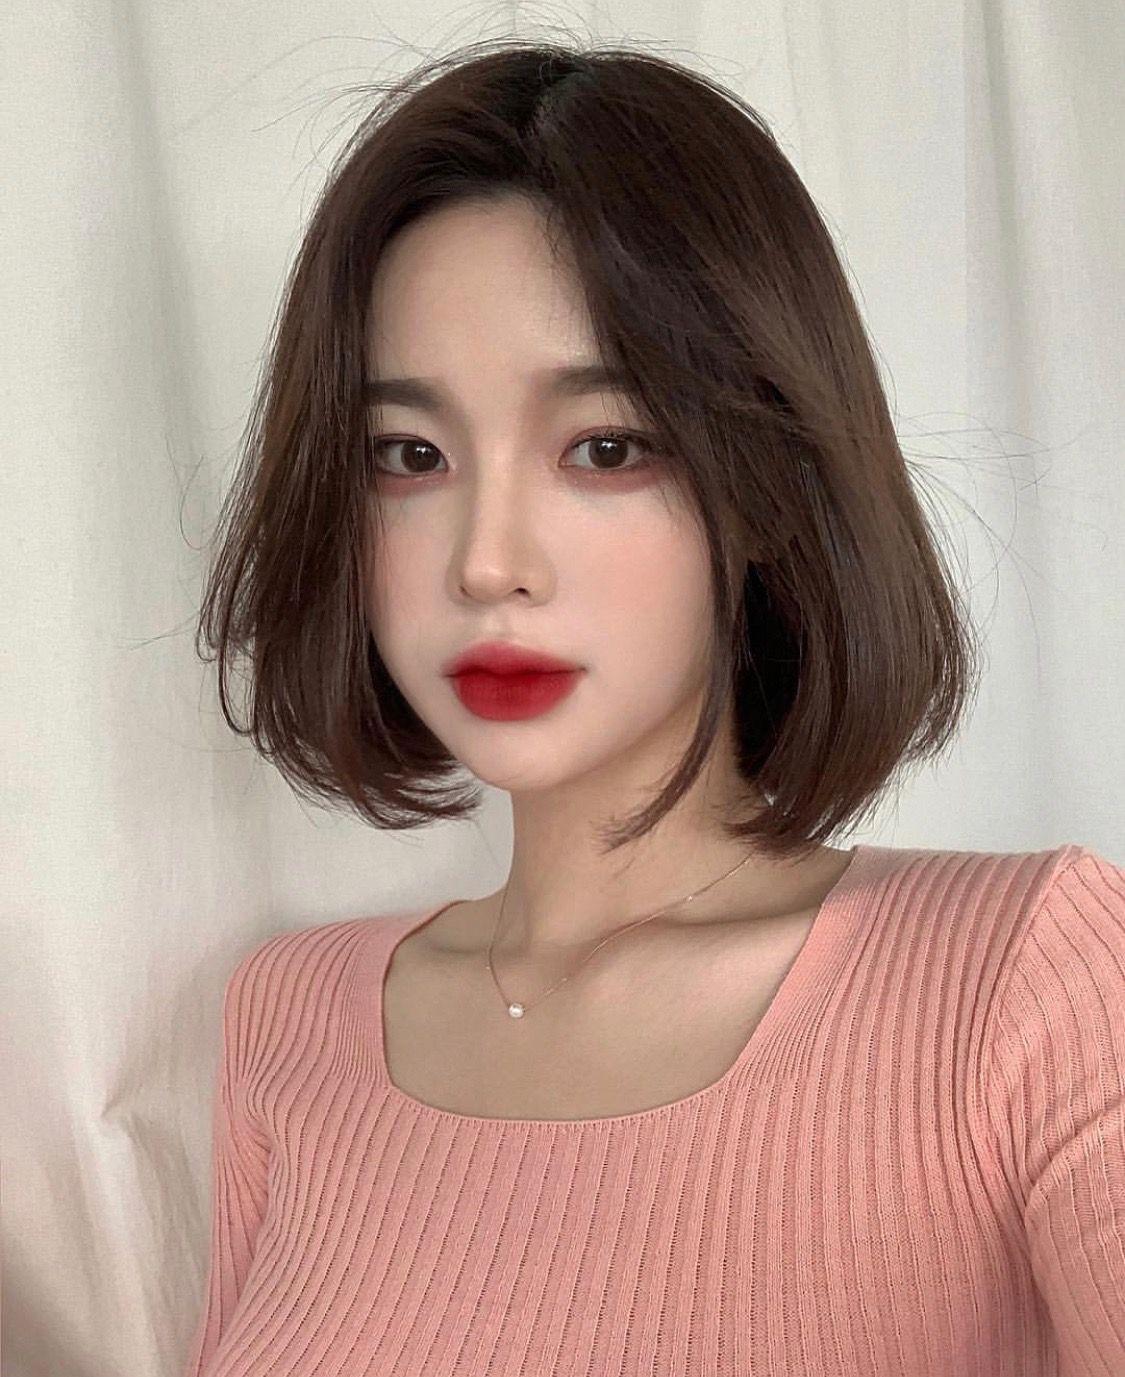 Kiểu tóc ngắn trẻ trung đẹp cho nữ